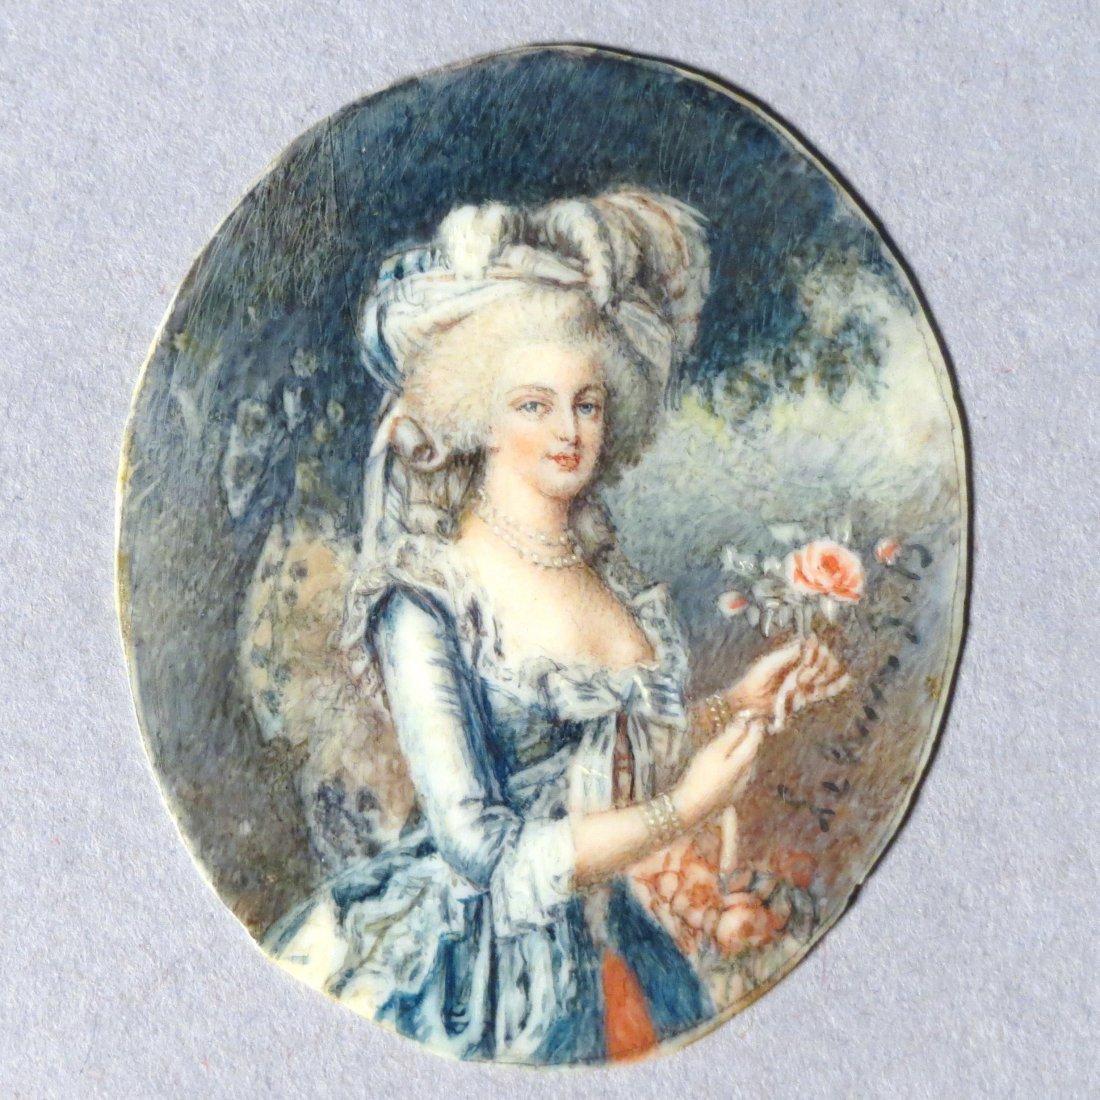 Antique French Portrait Miniature